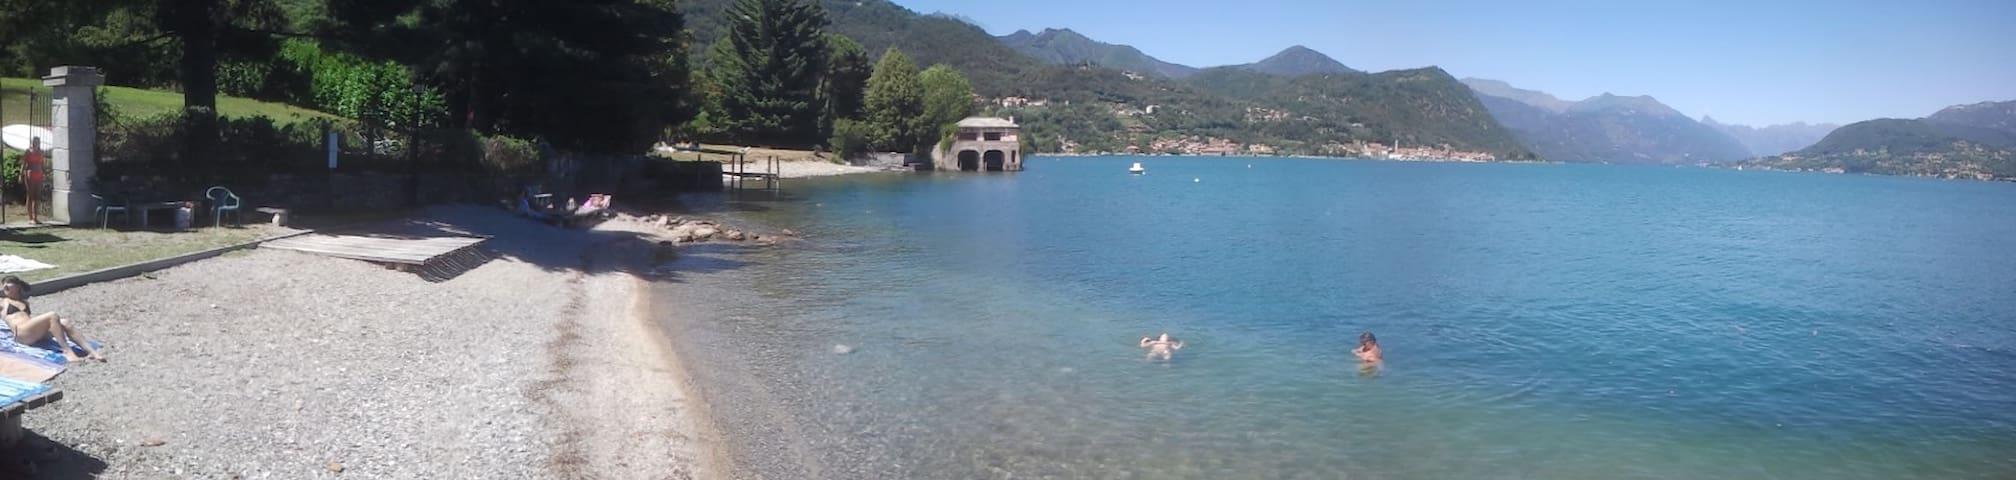 San Maurizio - Località Lagna